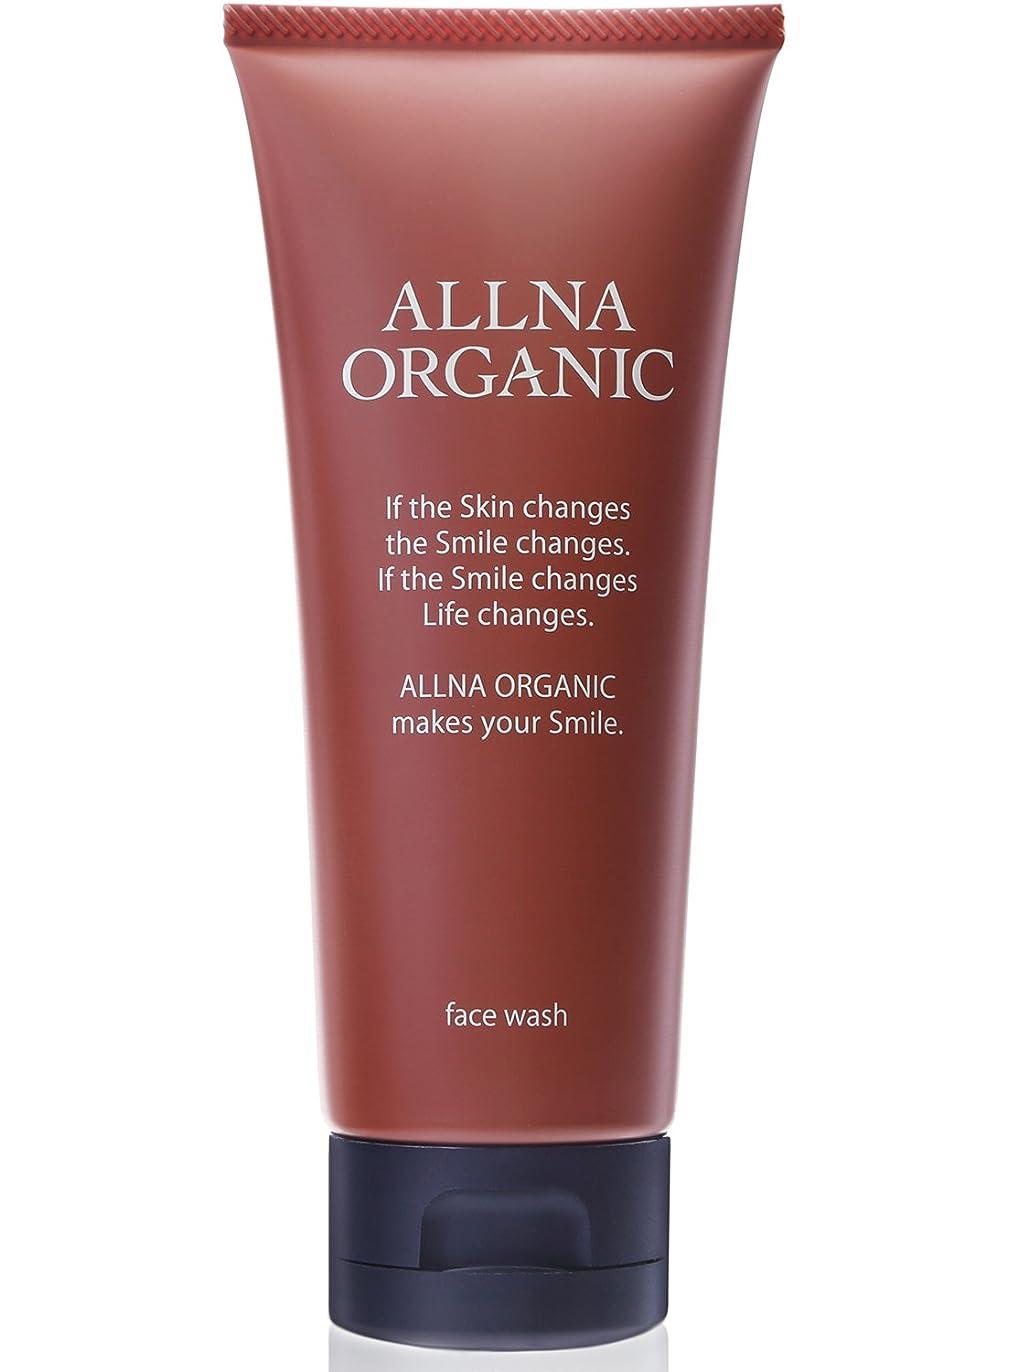 段落労働者受け入れたオルナ オーガニック 洗顔 洗顔フォーム 「 泡立つ ボタニカル 洗顔料 」「 合成着色料 合成香料 無添加 」100g